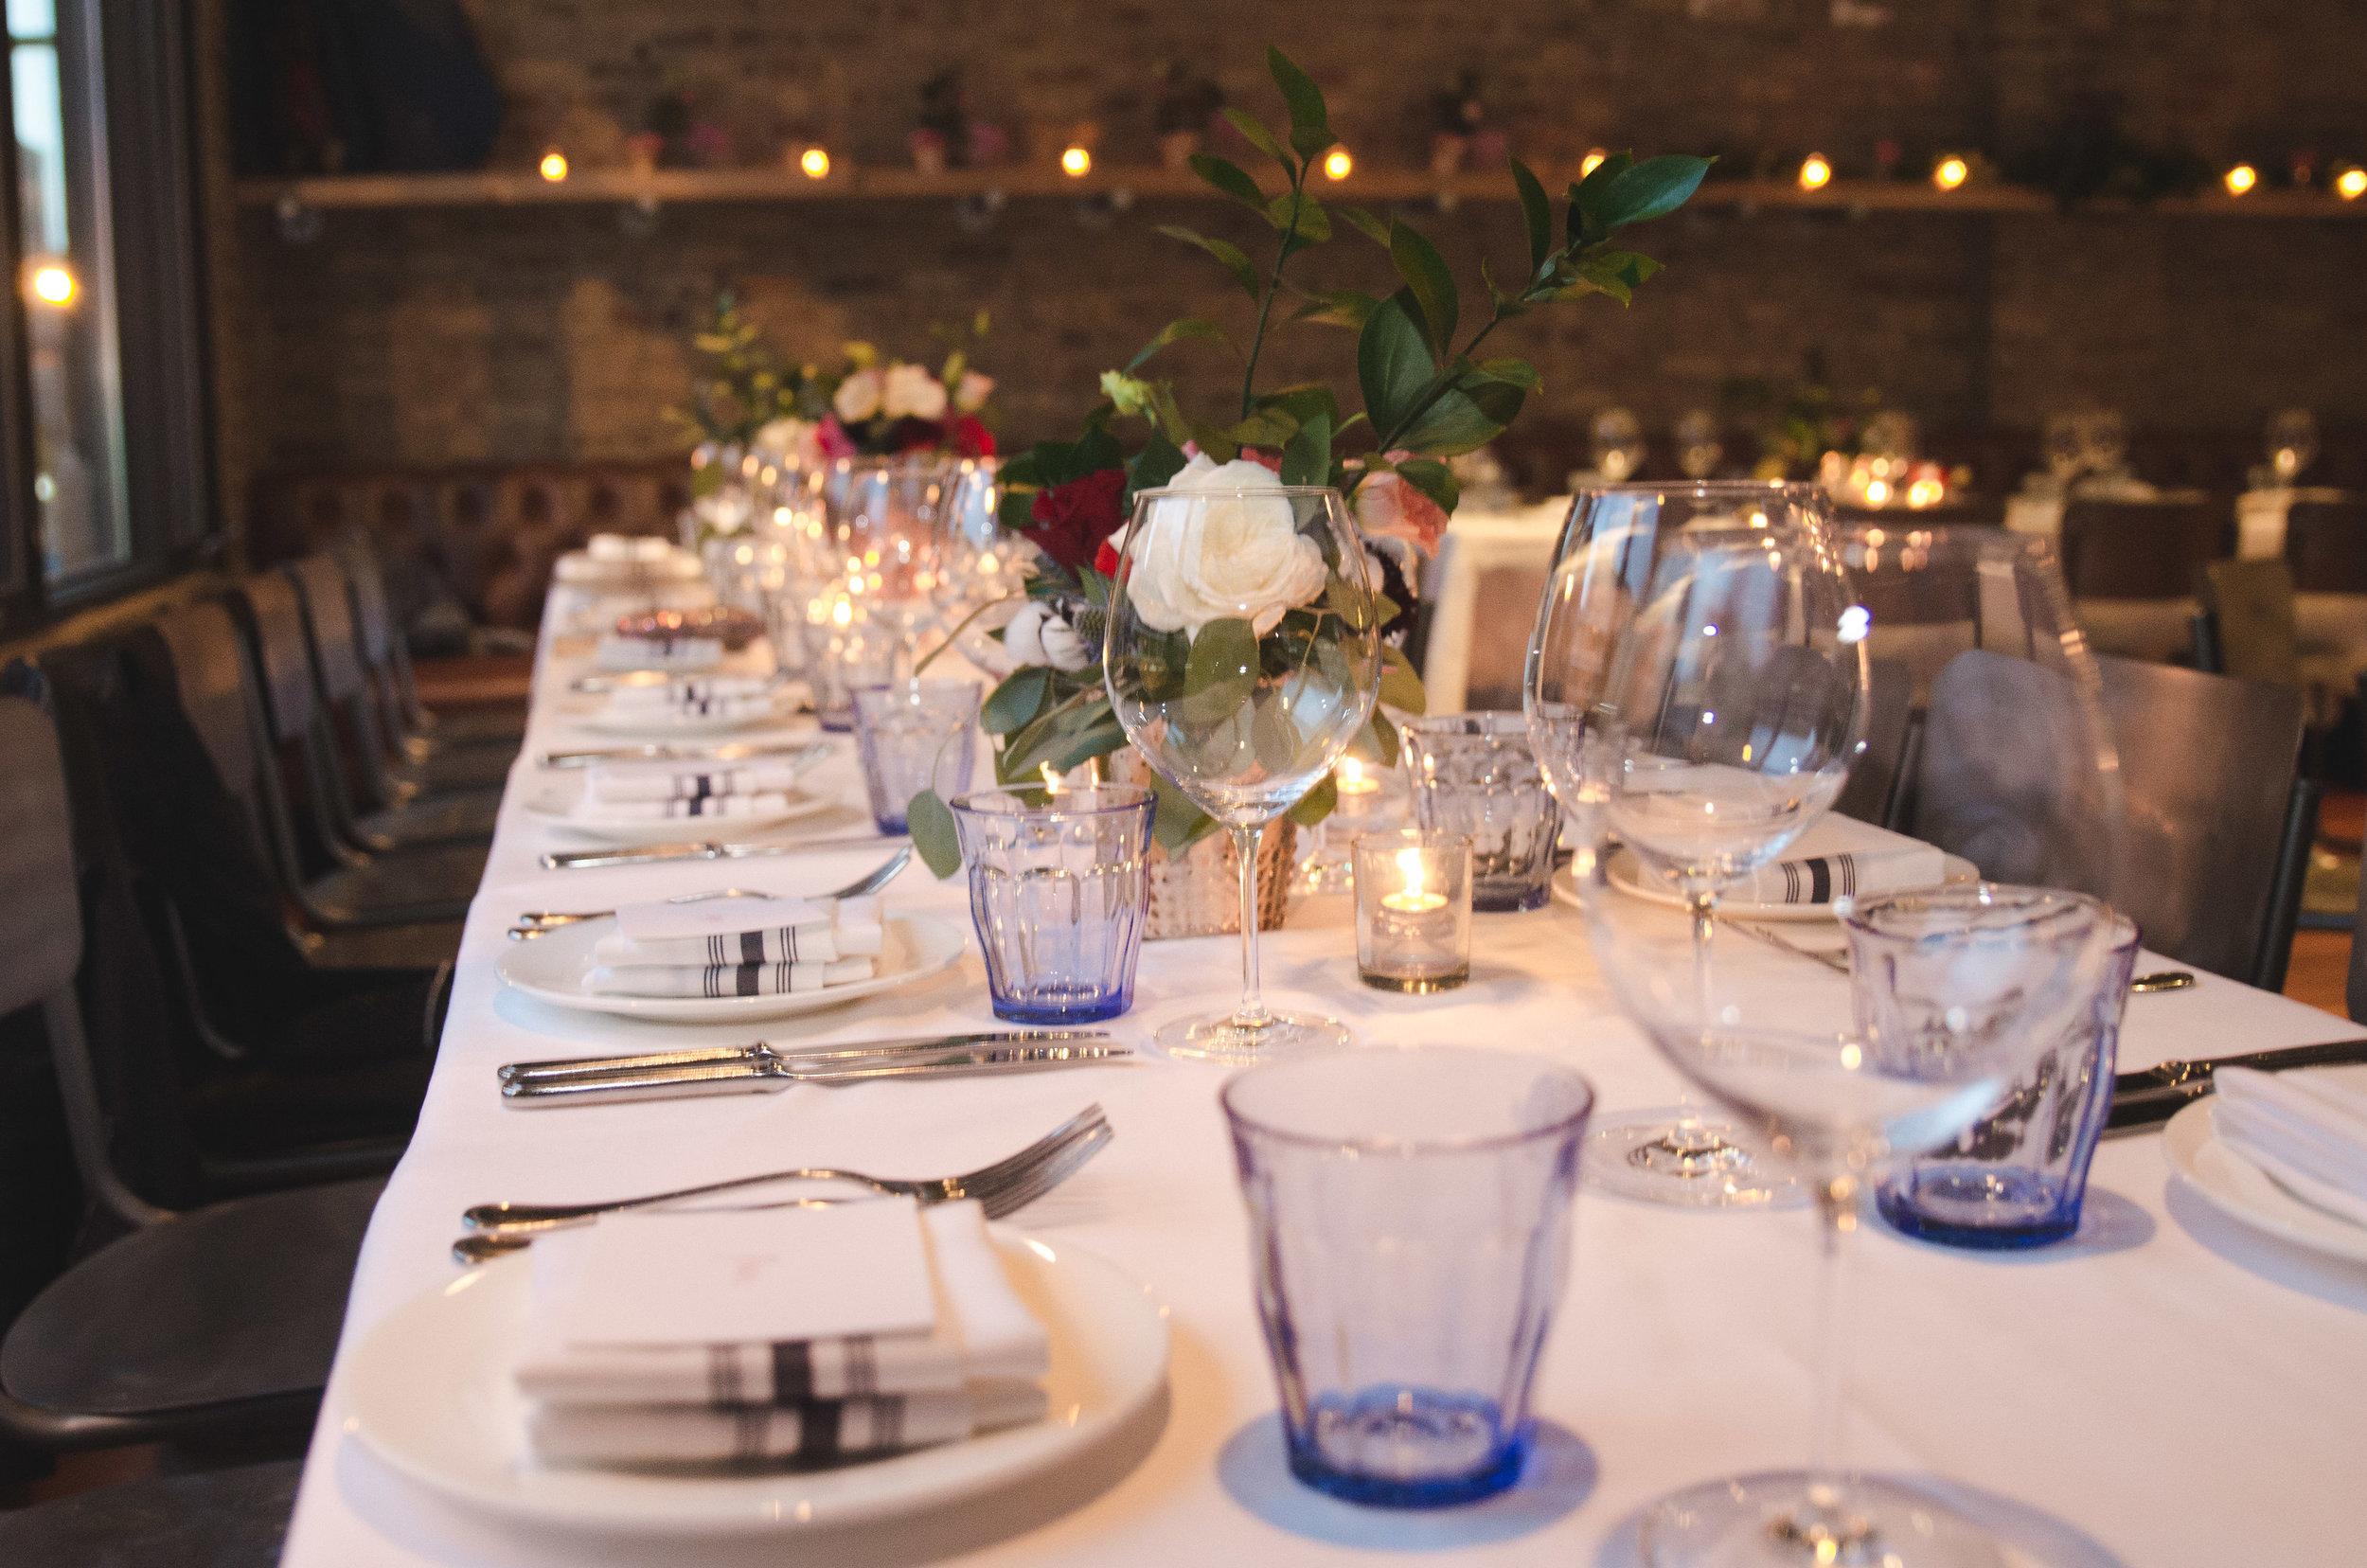 Bristol_Wedding_11_SusieLacocque.jpg